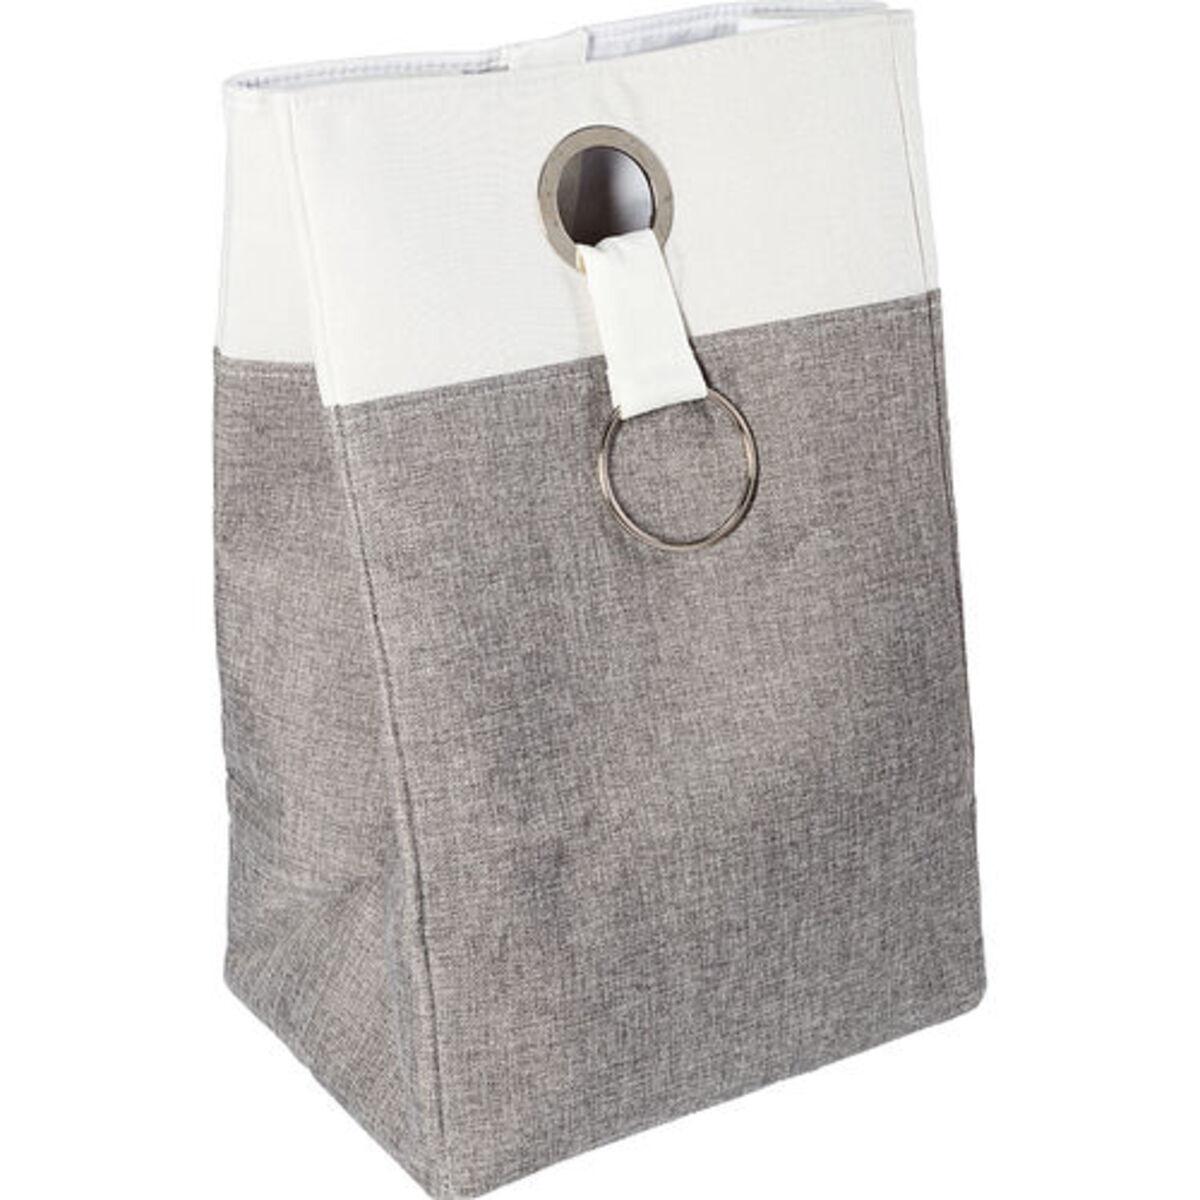 Bild 2 von Yorn Home Wäschebehälter, grau/weiß, grau/weiß